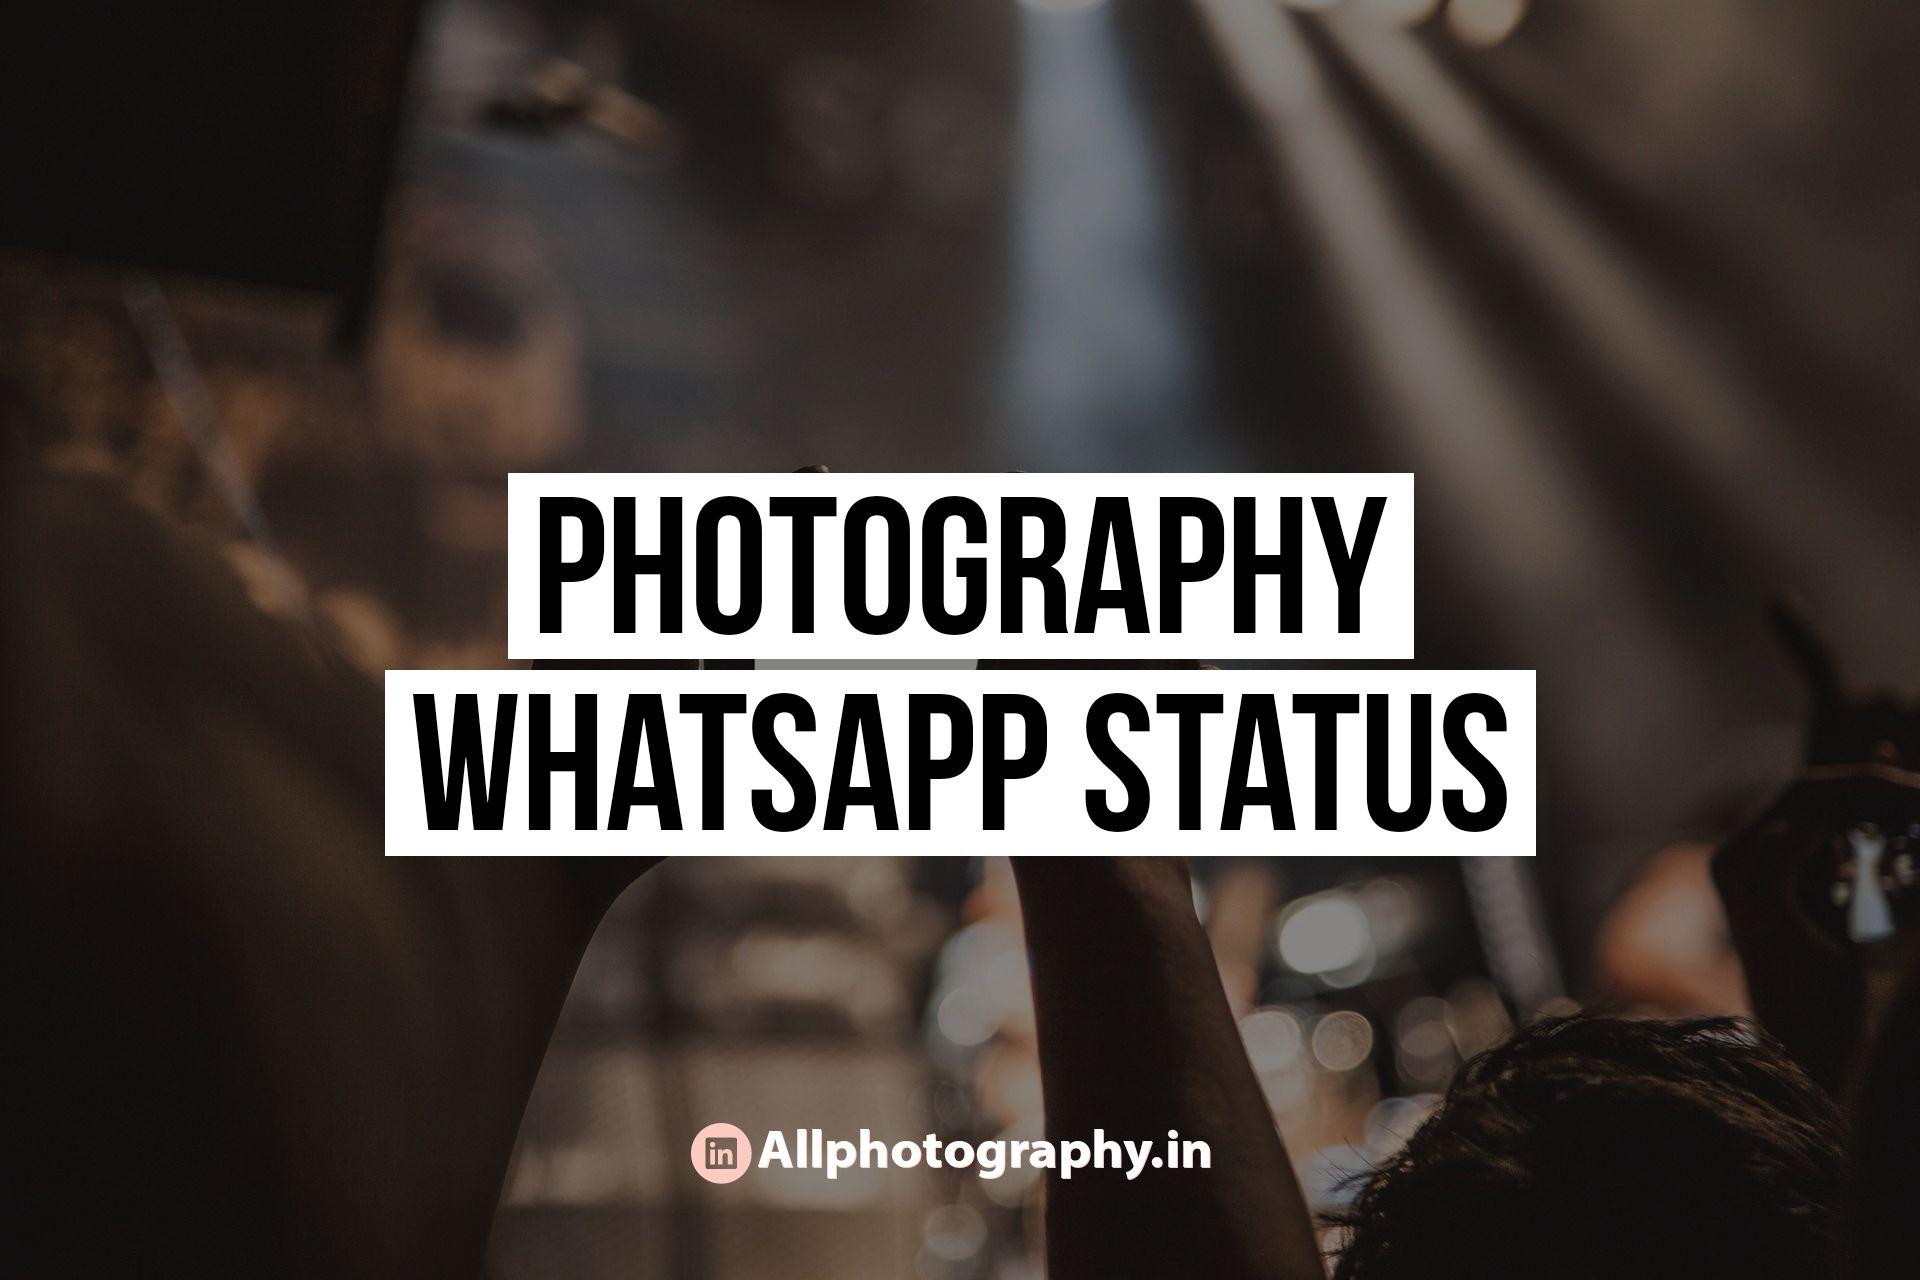 Photography whatsapp status